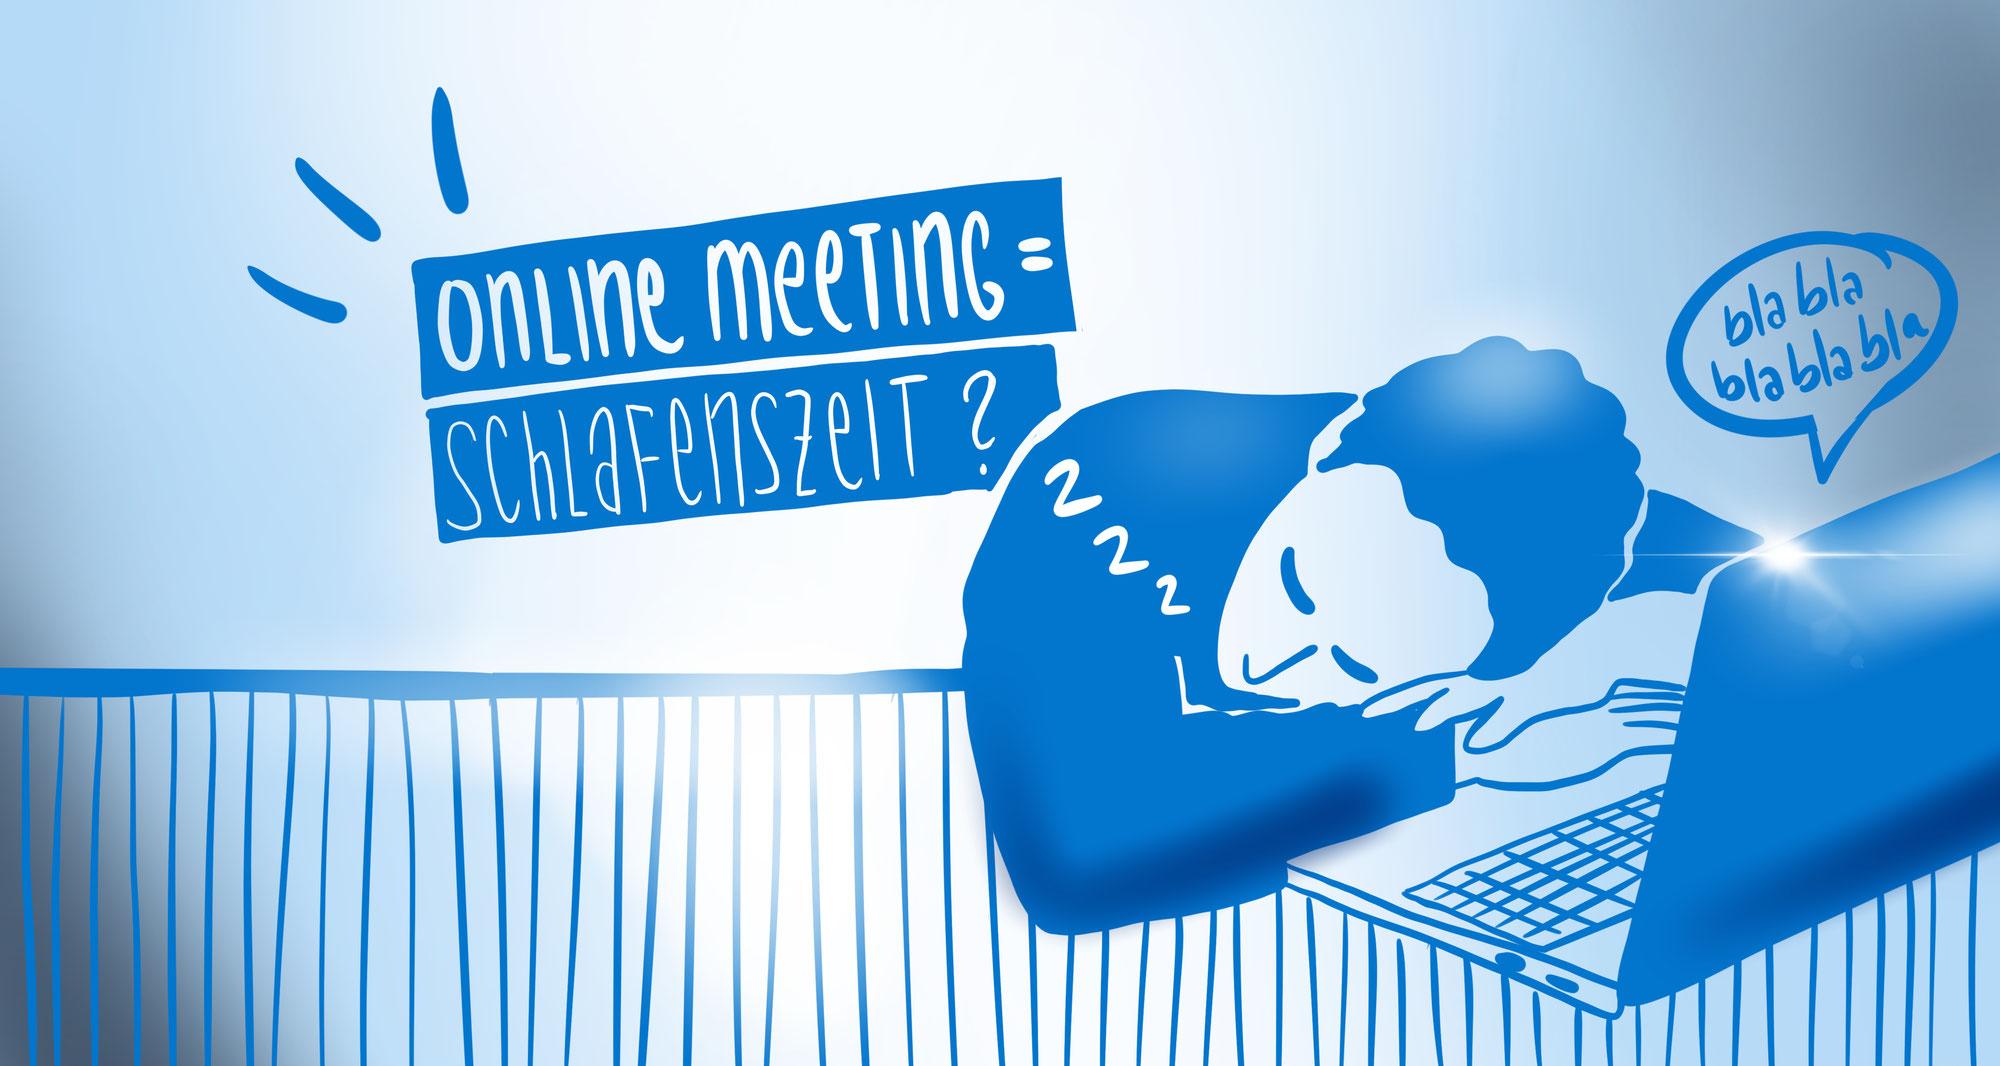 HALLO WACH! (Nicht Live-)Visualisierungen im Online Meeting.